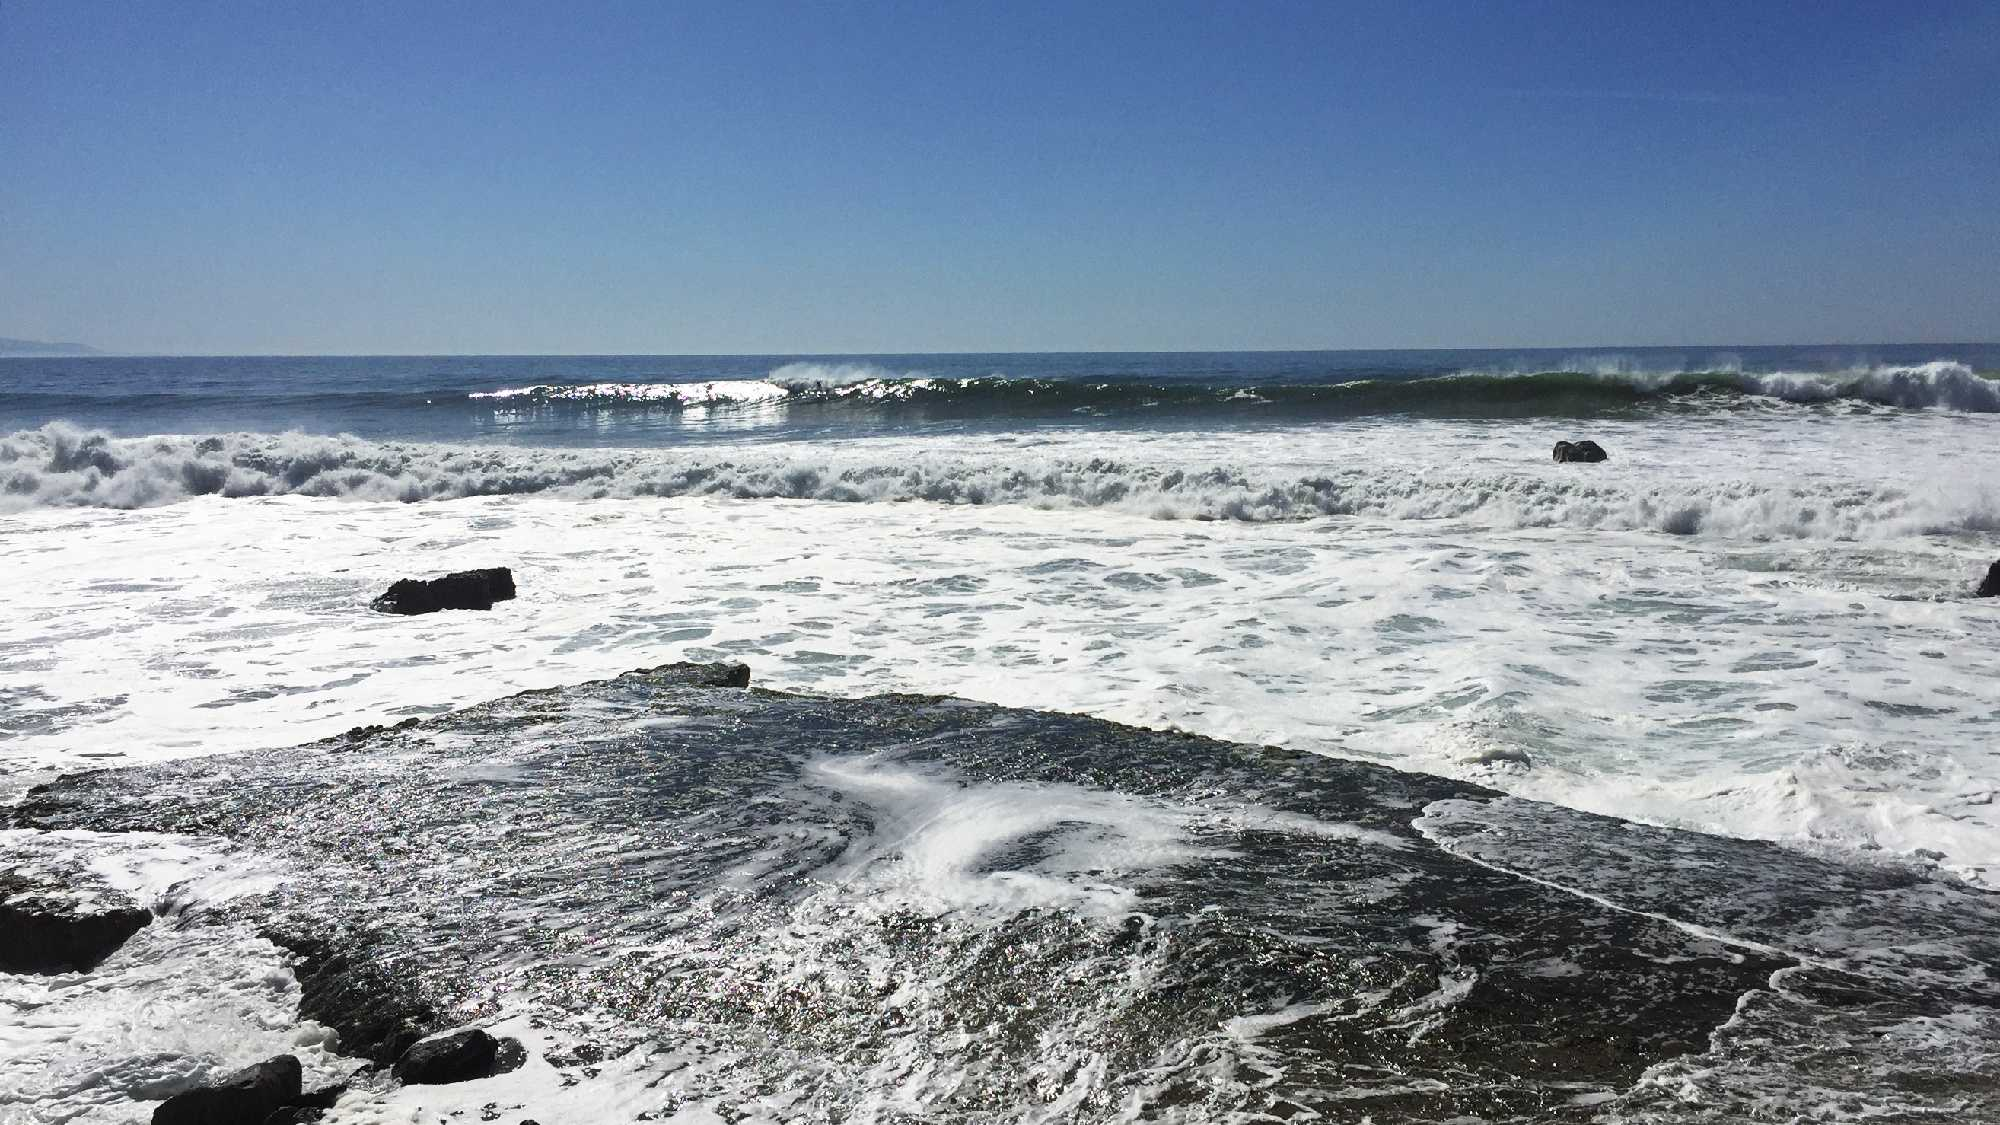 Santa Cruz (Feb 24, 2016)